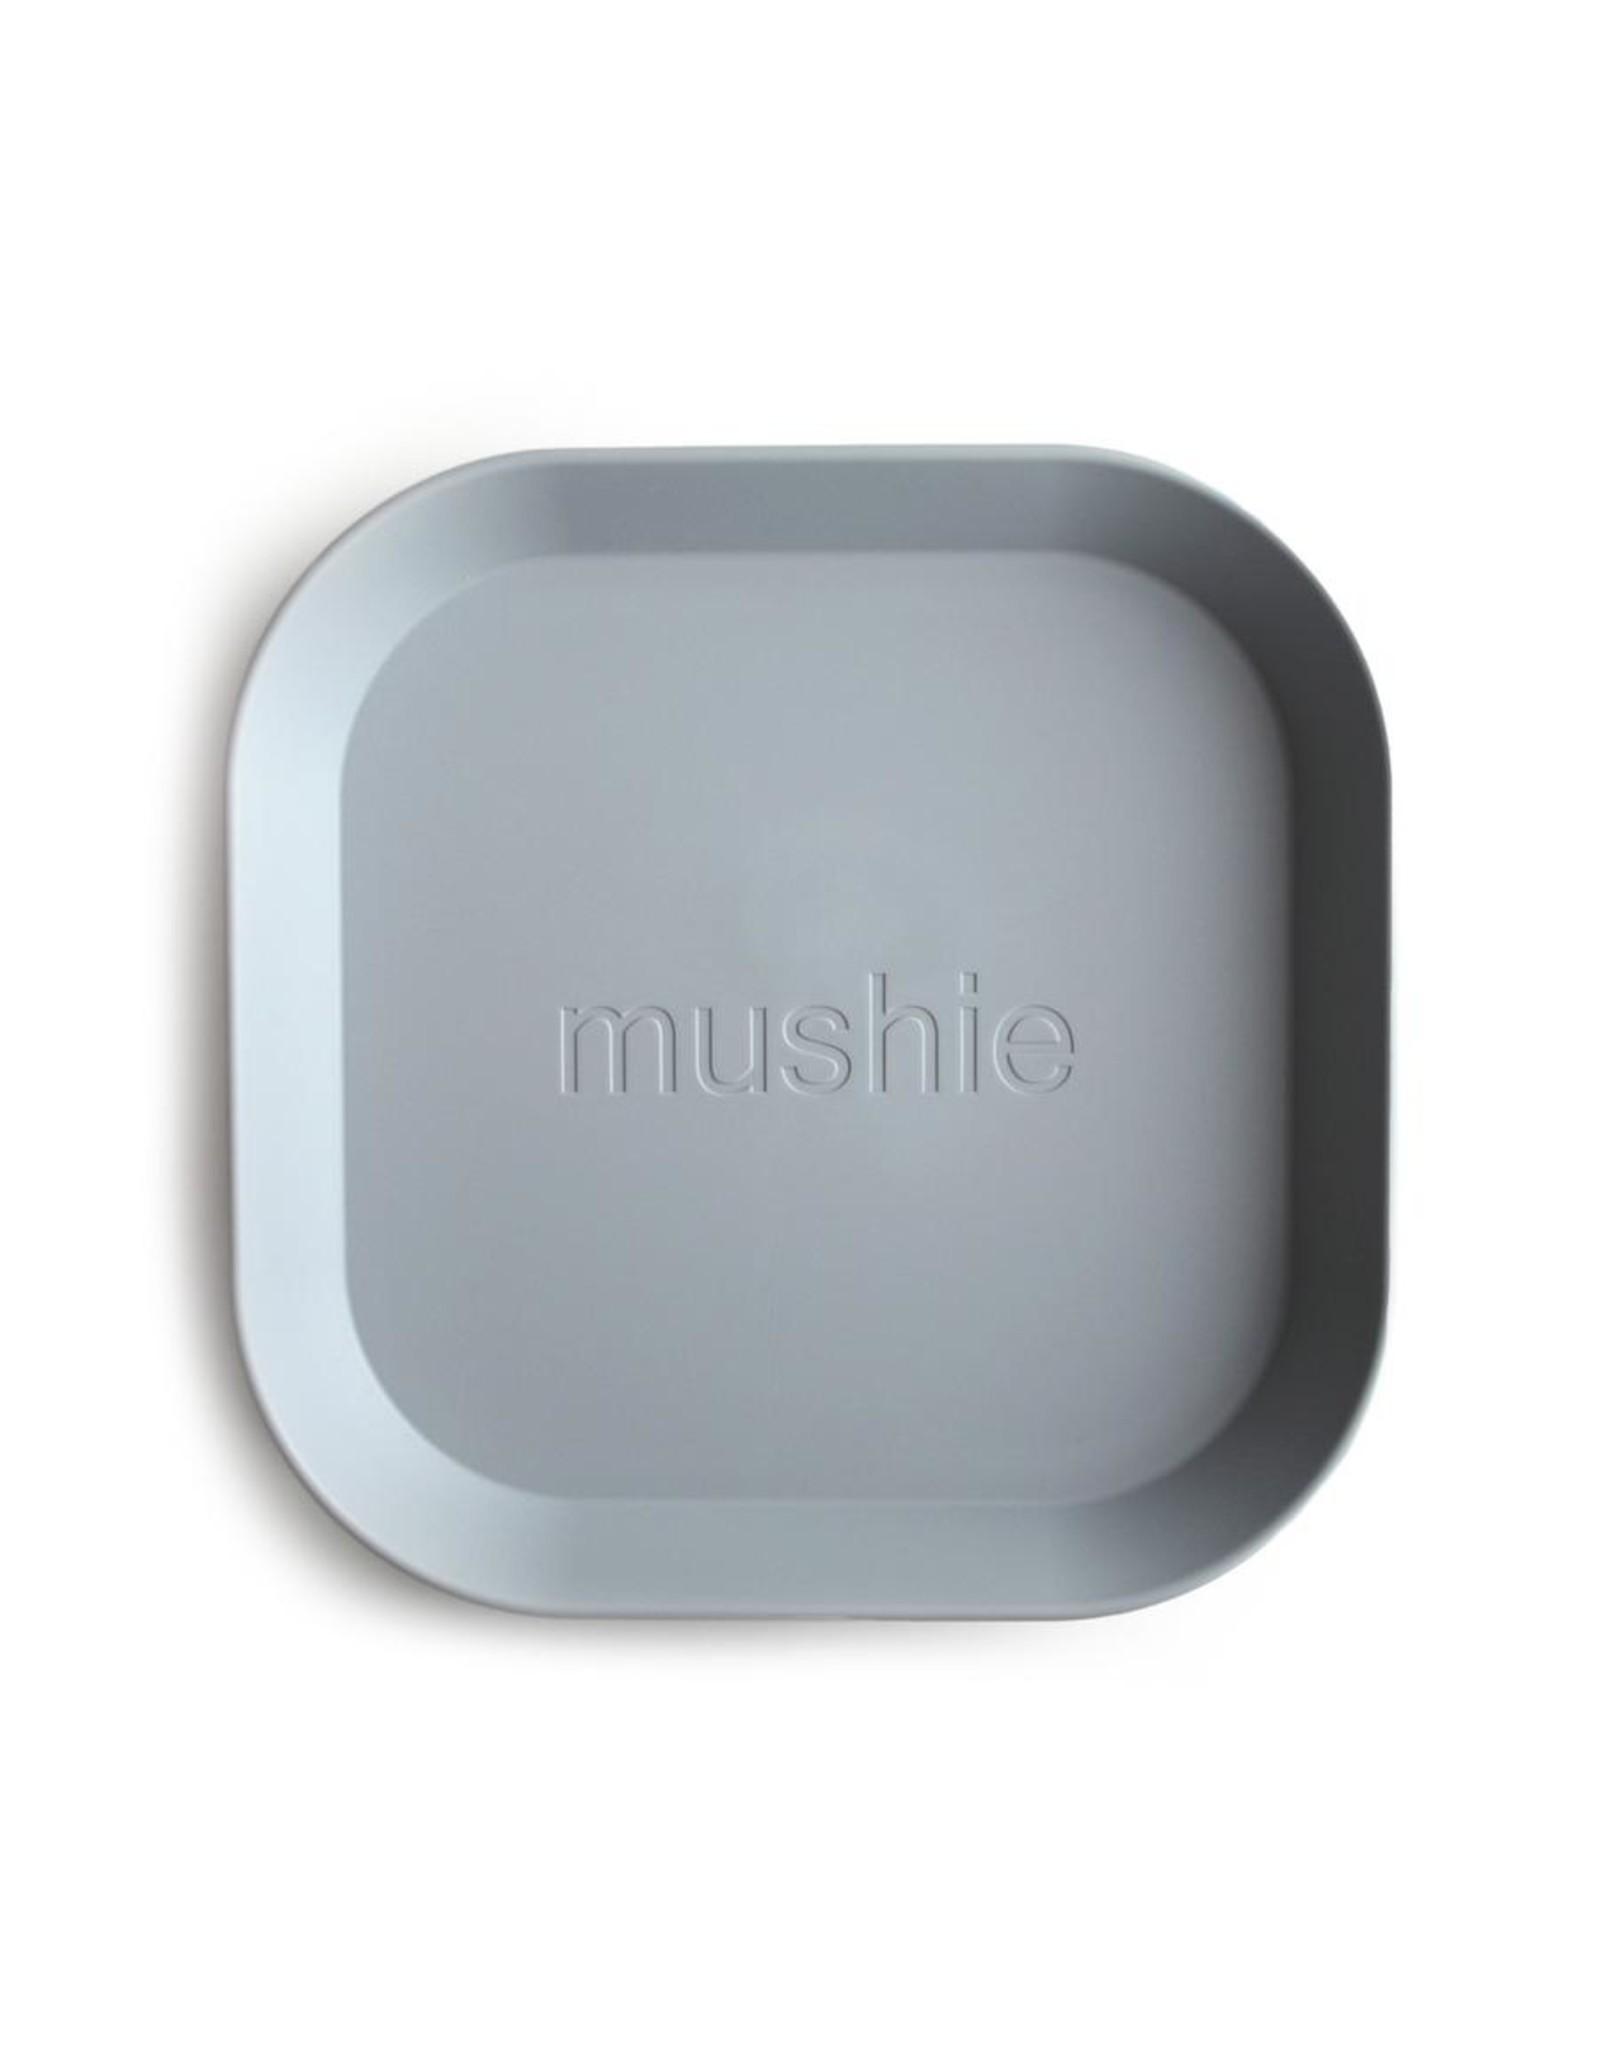 Mushie Lot de 2 assiettes - cloud